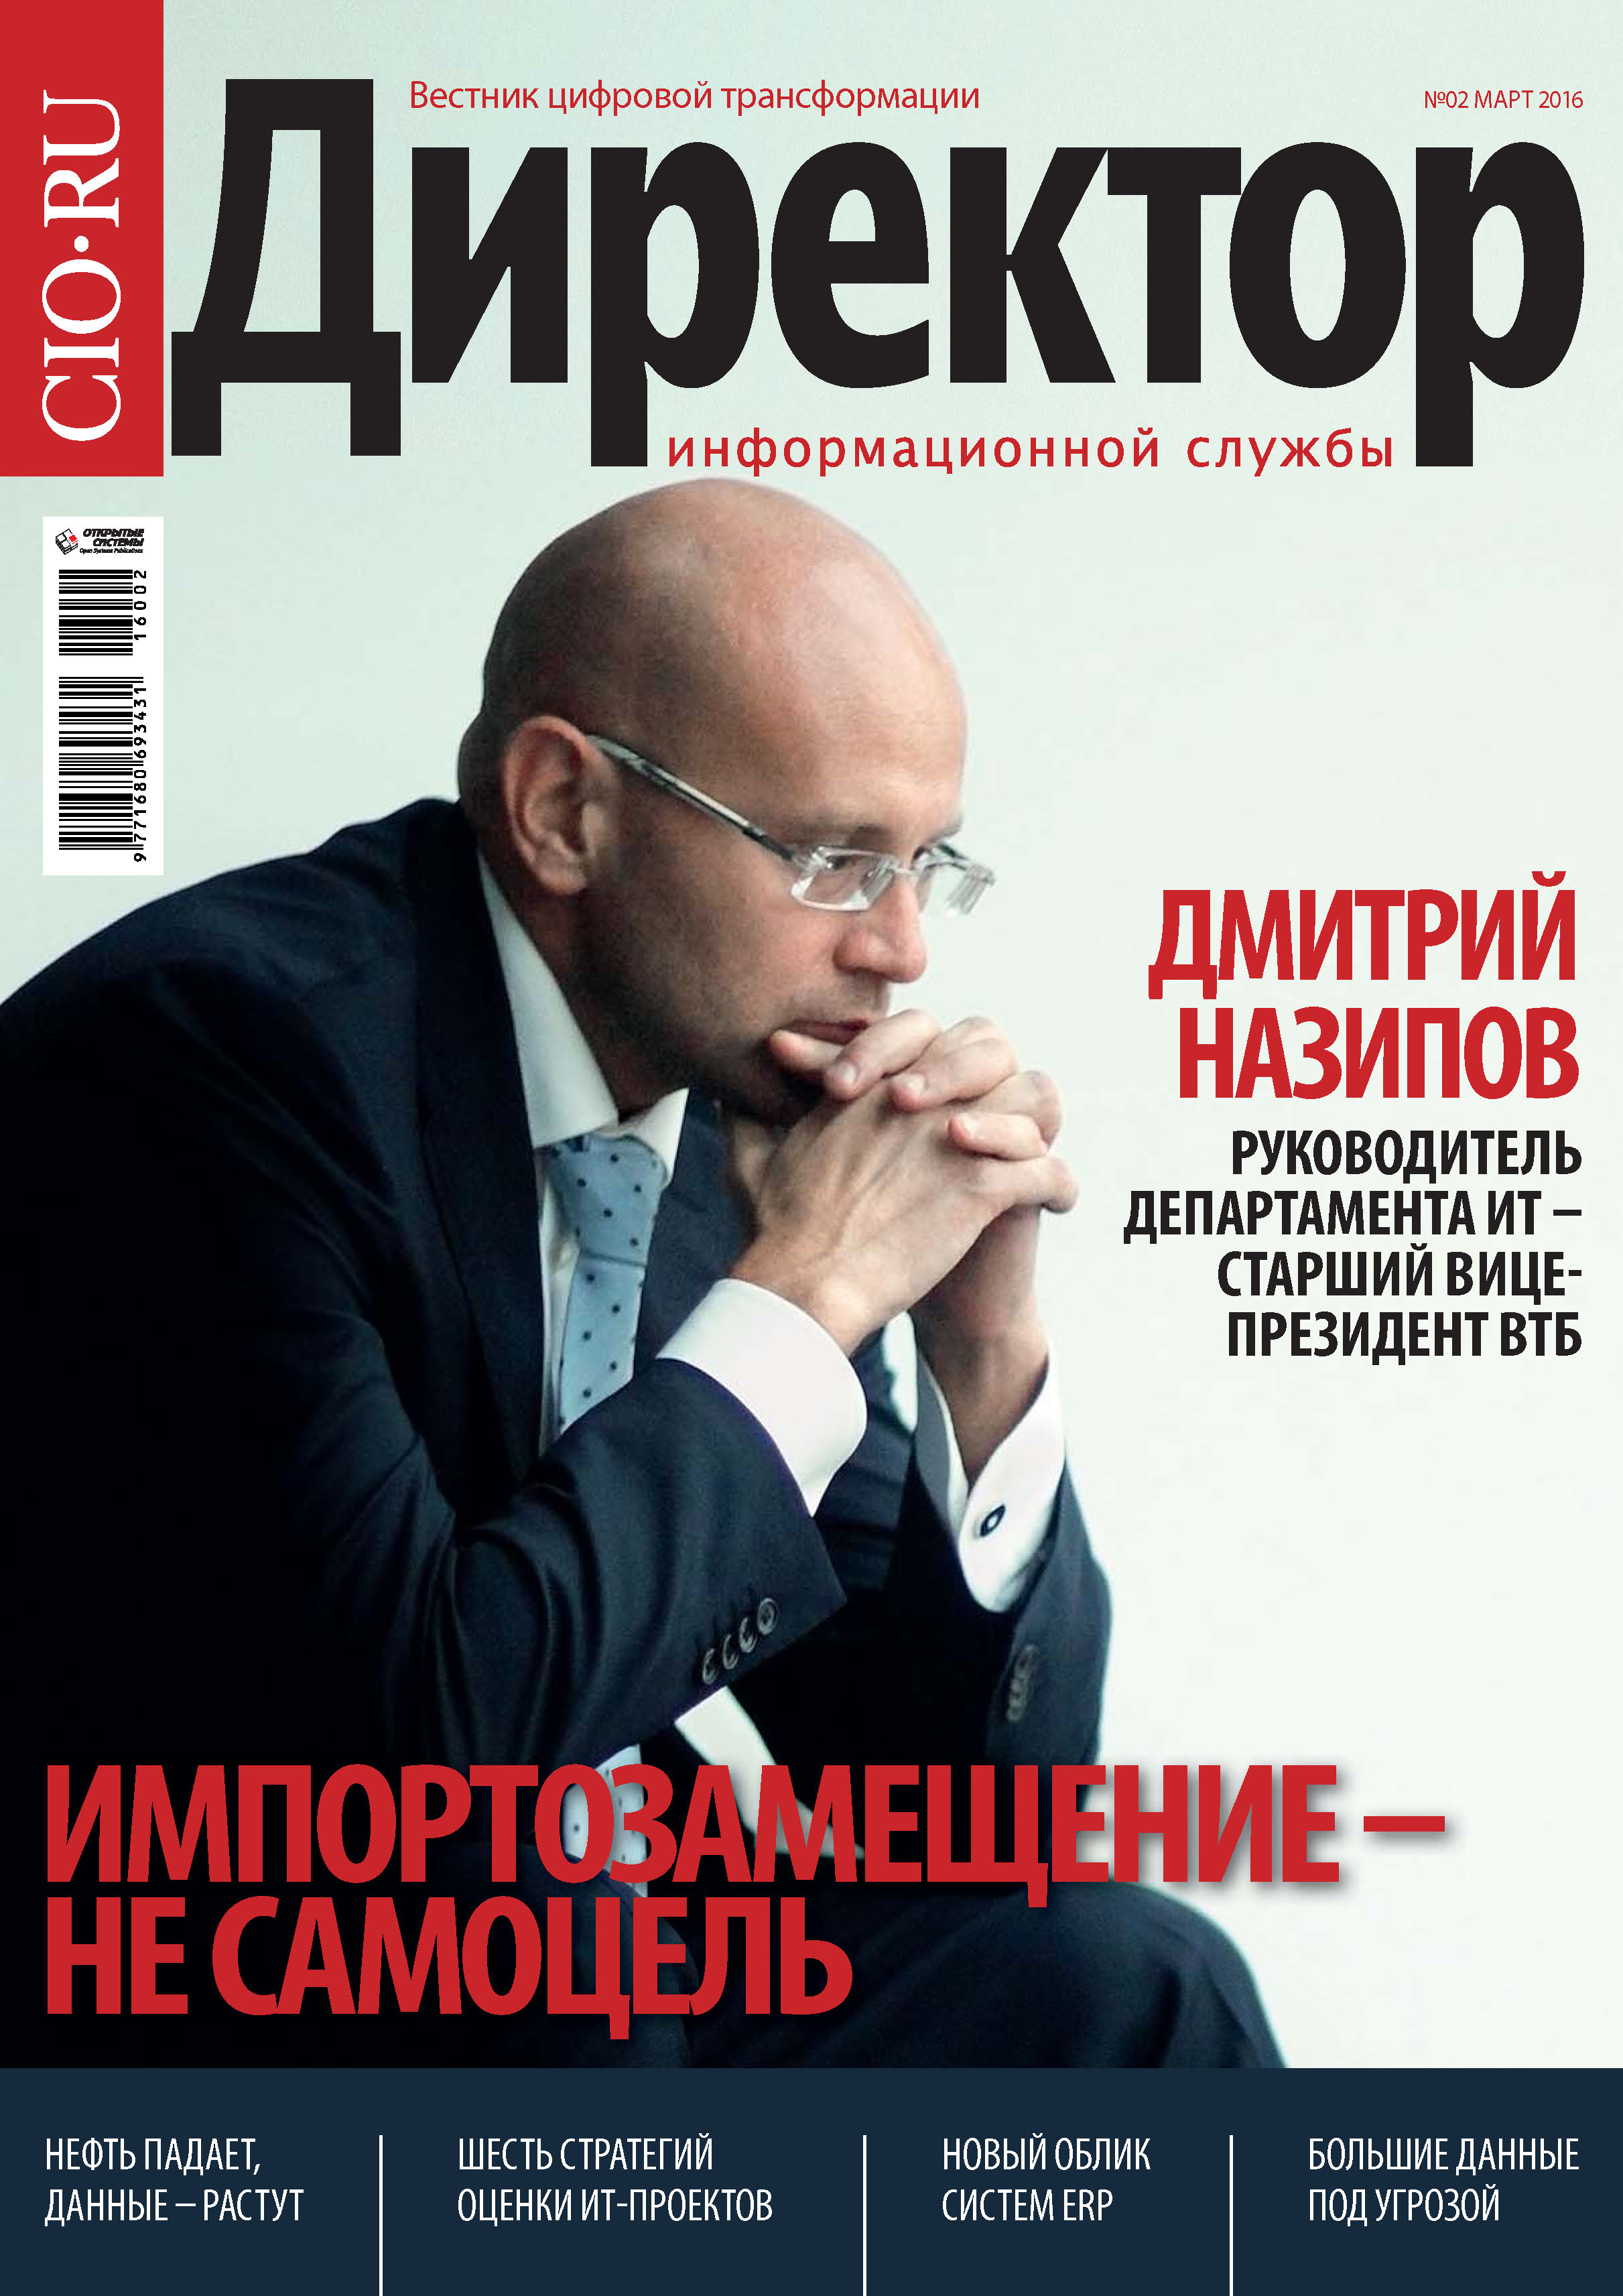 Открытые системы Директор информационной службы №02/2016